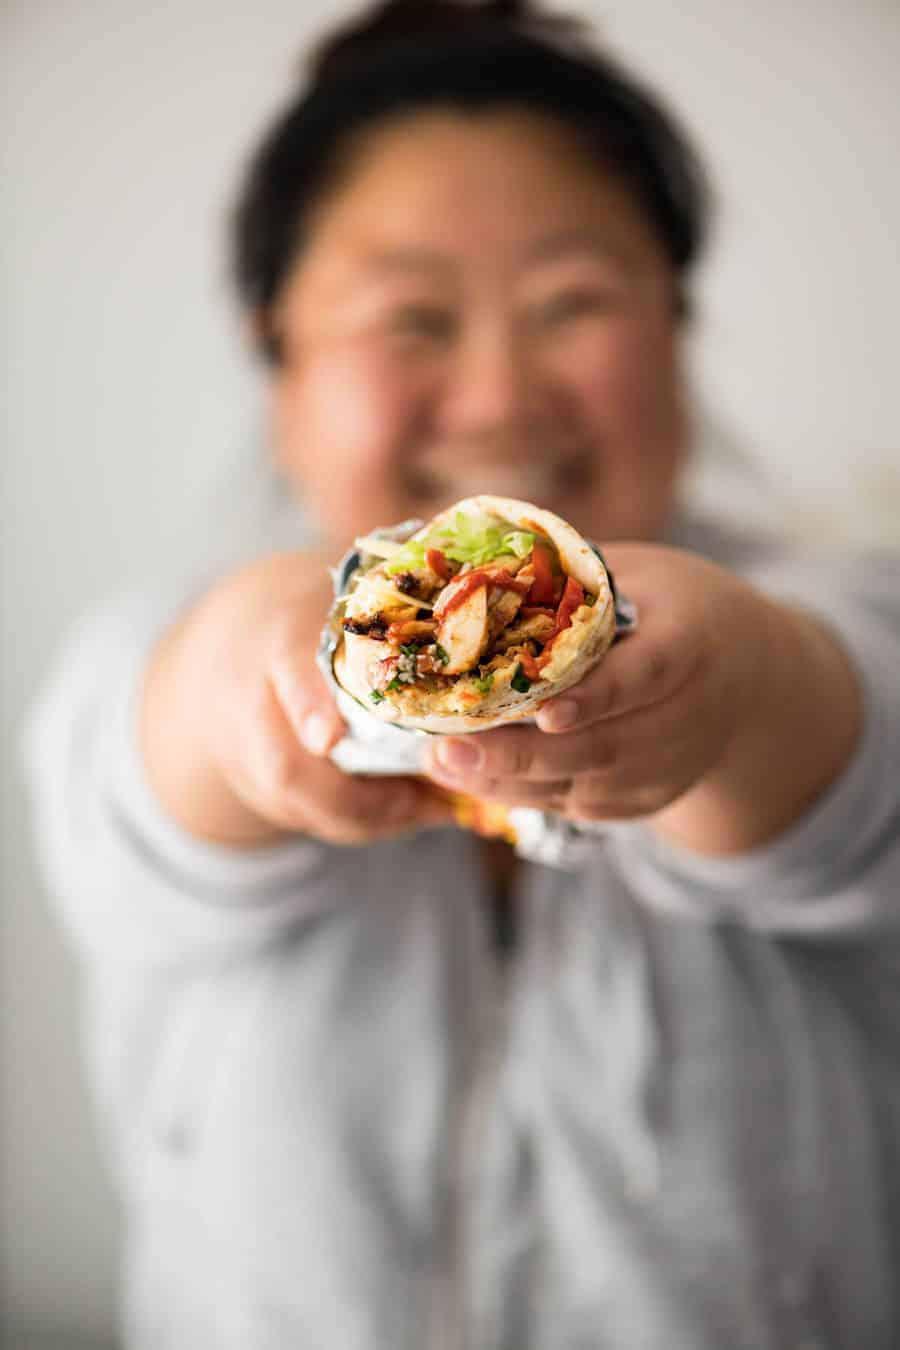 Чем популярна шаурма, а также польза и вред: стоит ли питаться данным блюдом